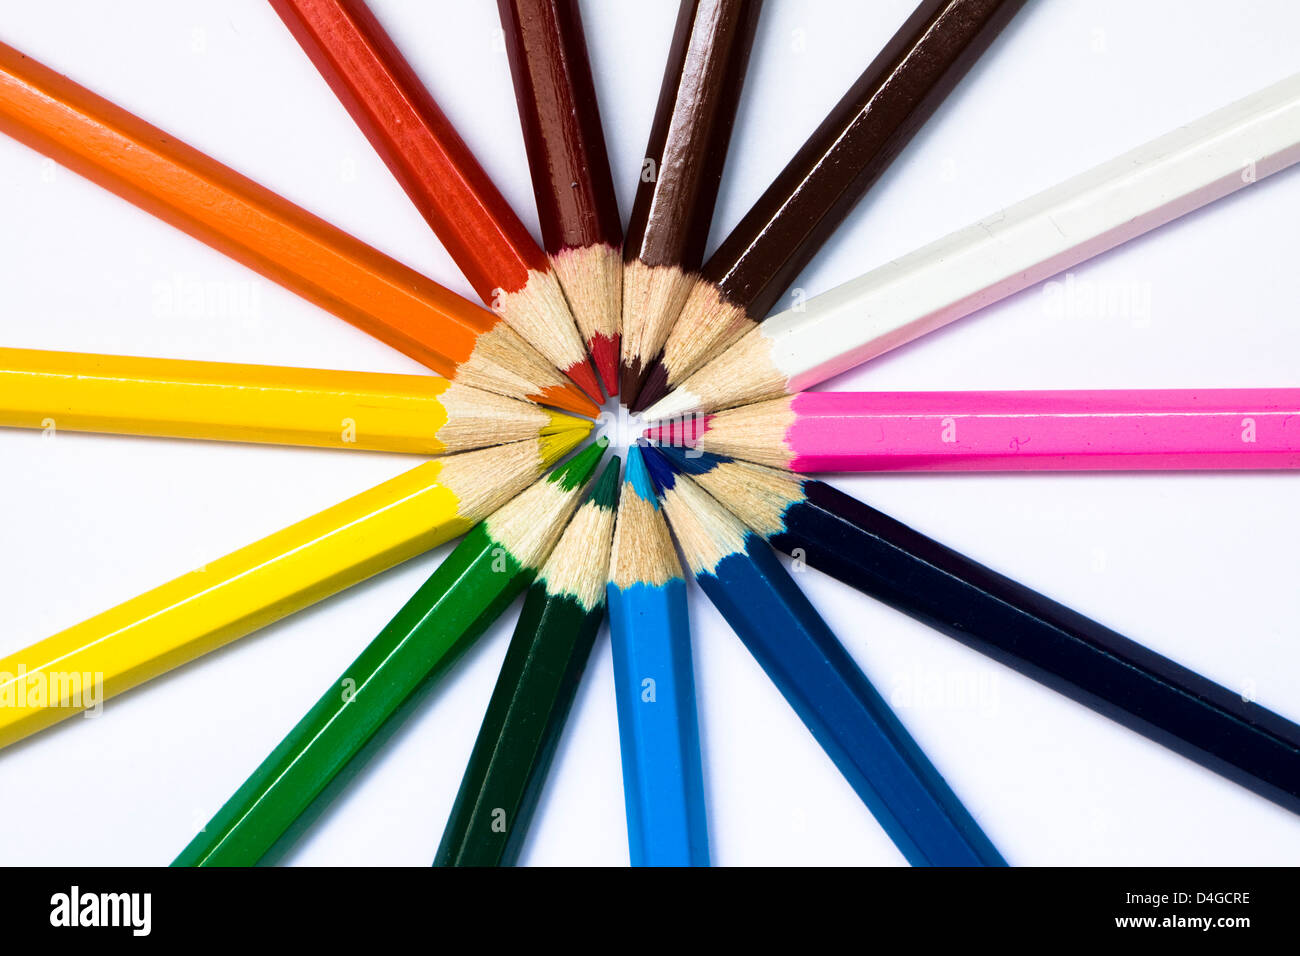 Close-up d'une sélection de crayons de couleur, disposés comme une roue de couleurs. Photo Stock